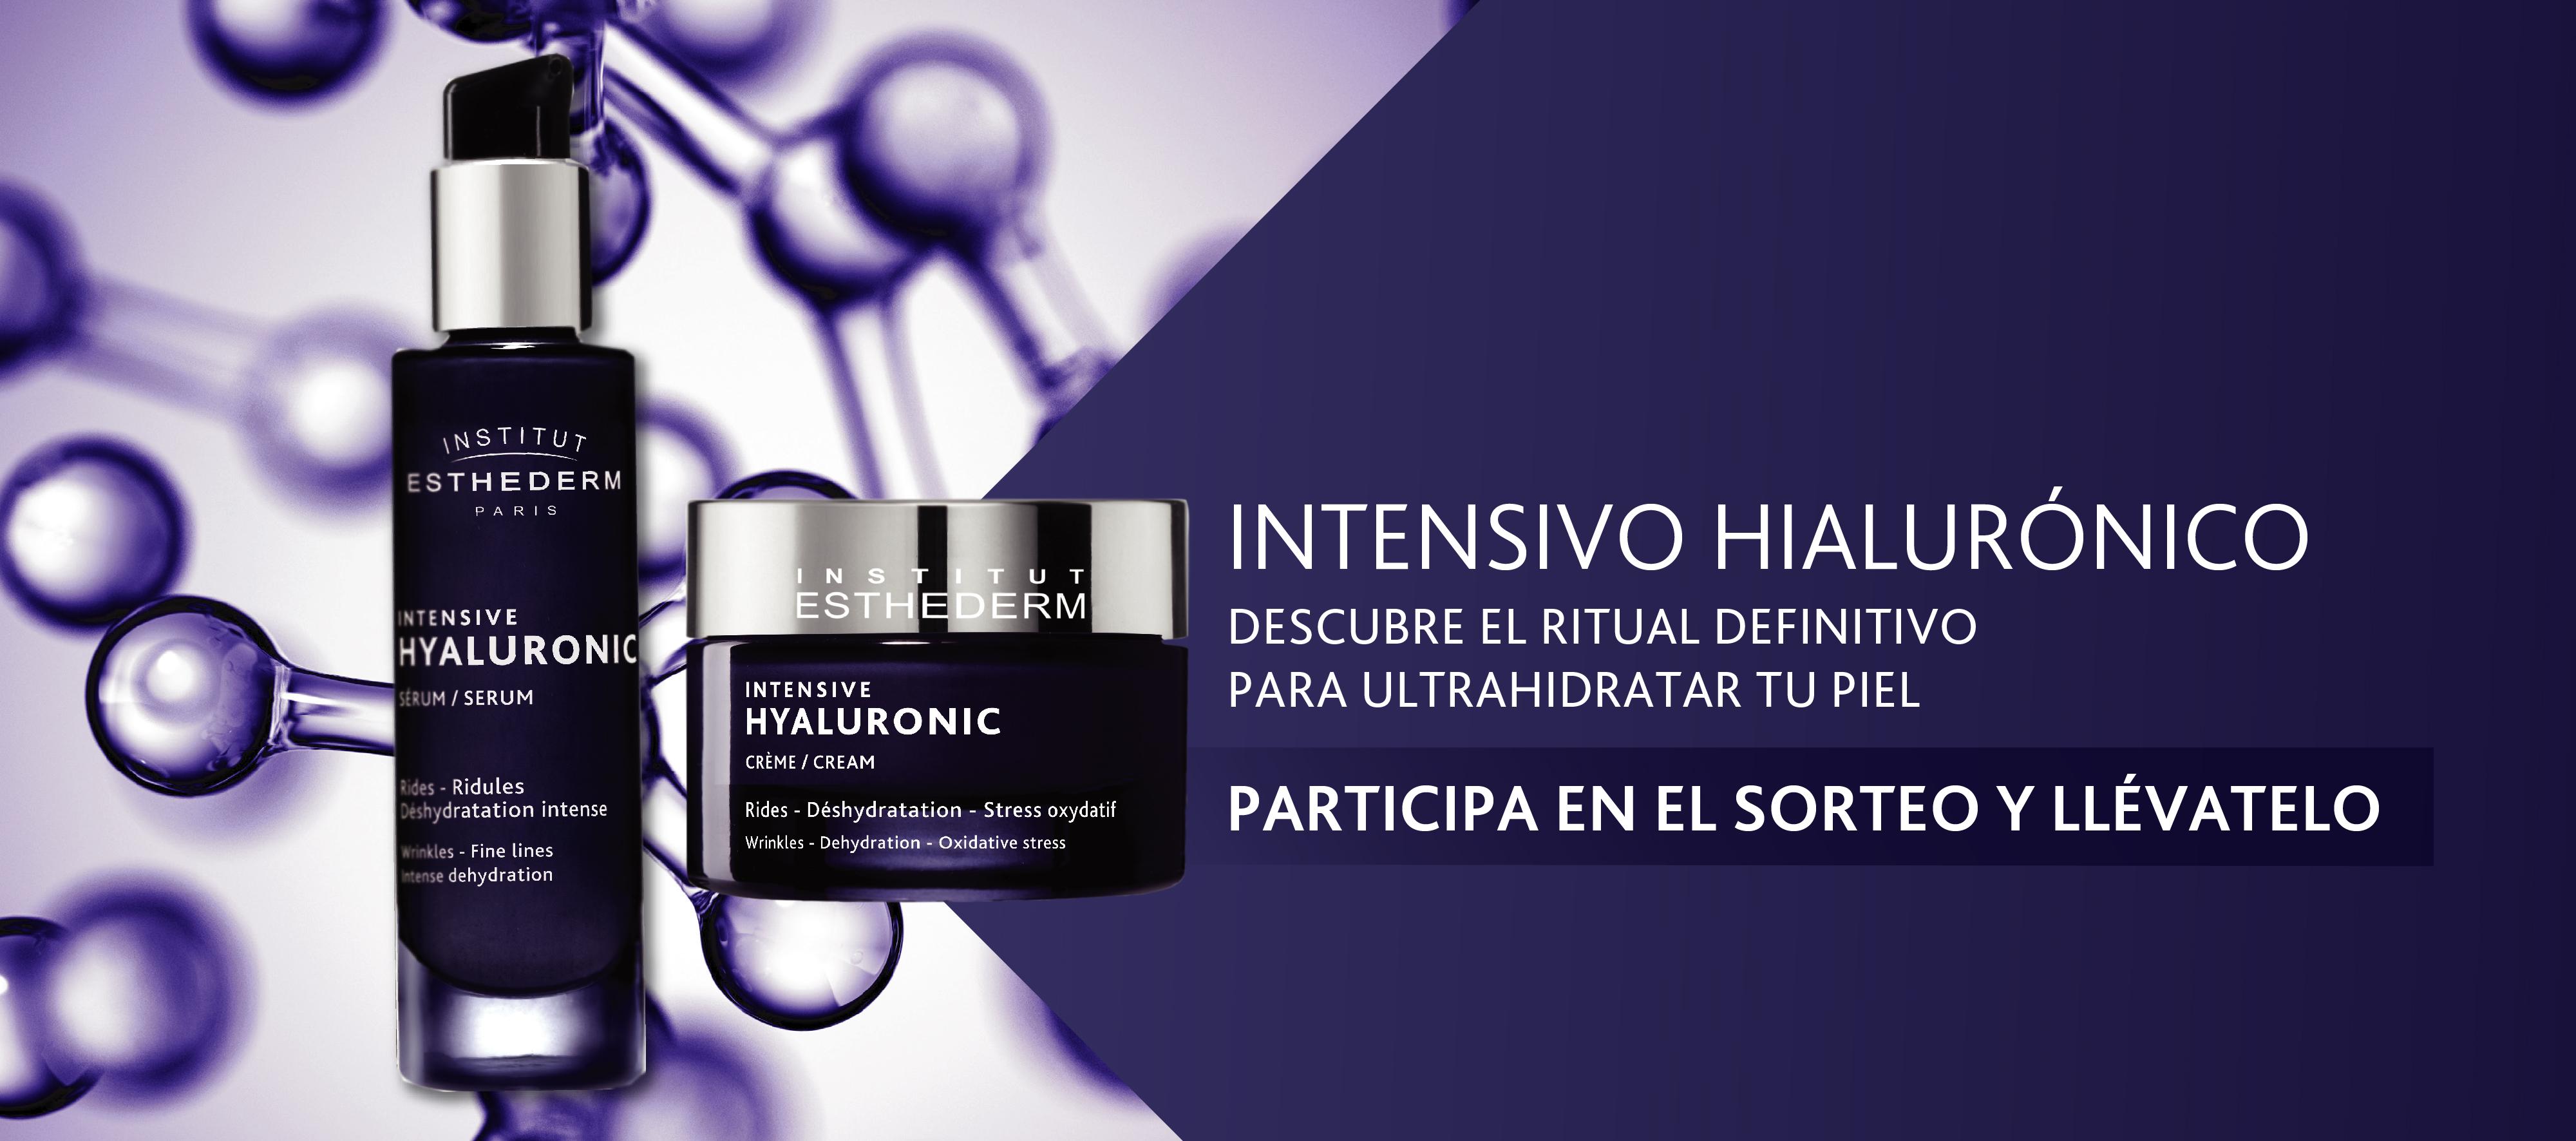 Hialurónico-Sorteo